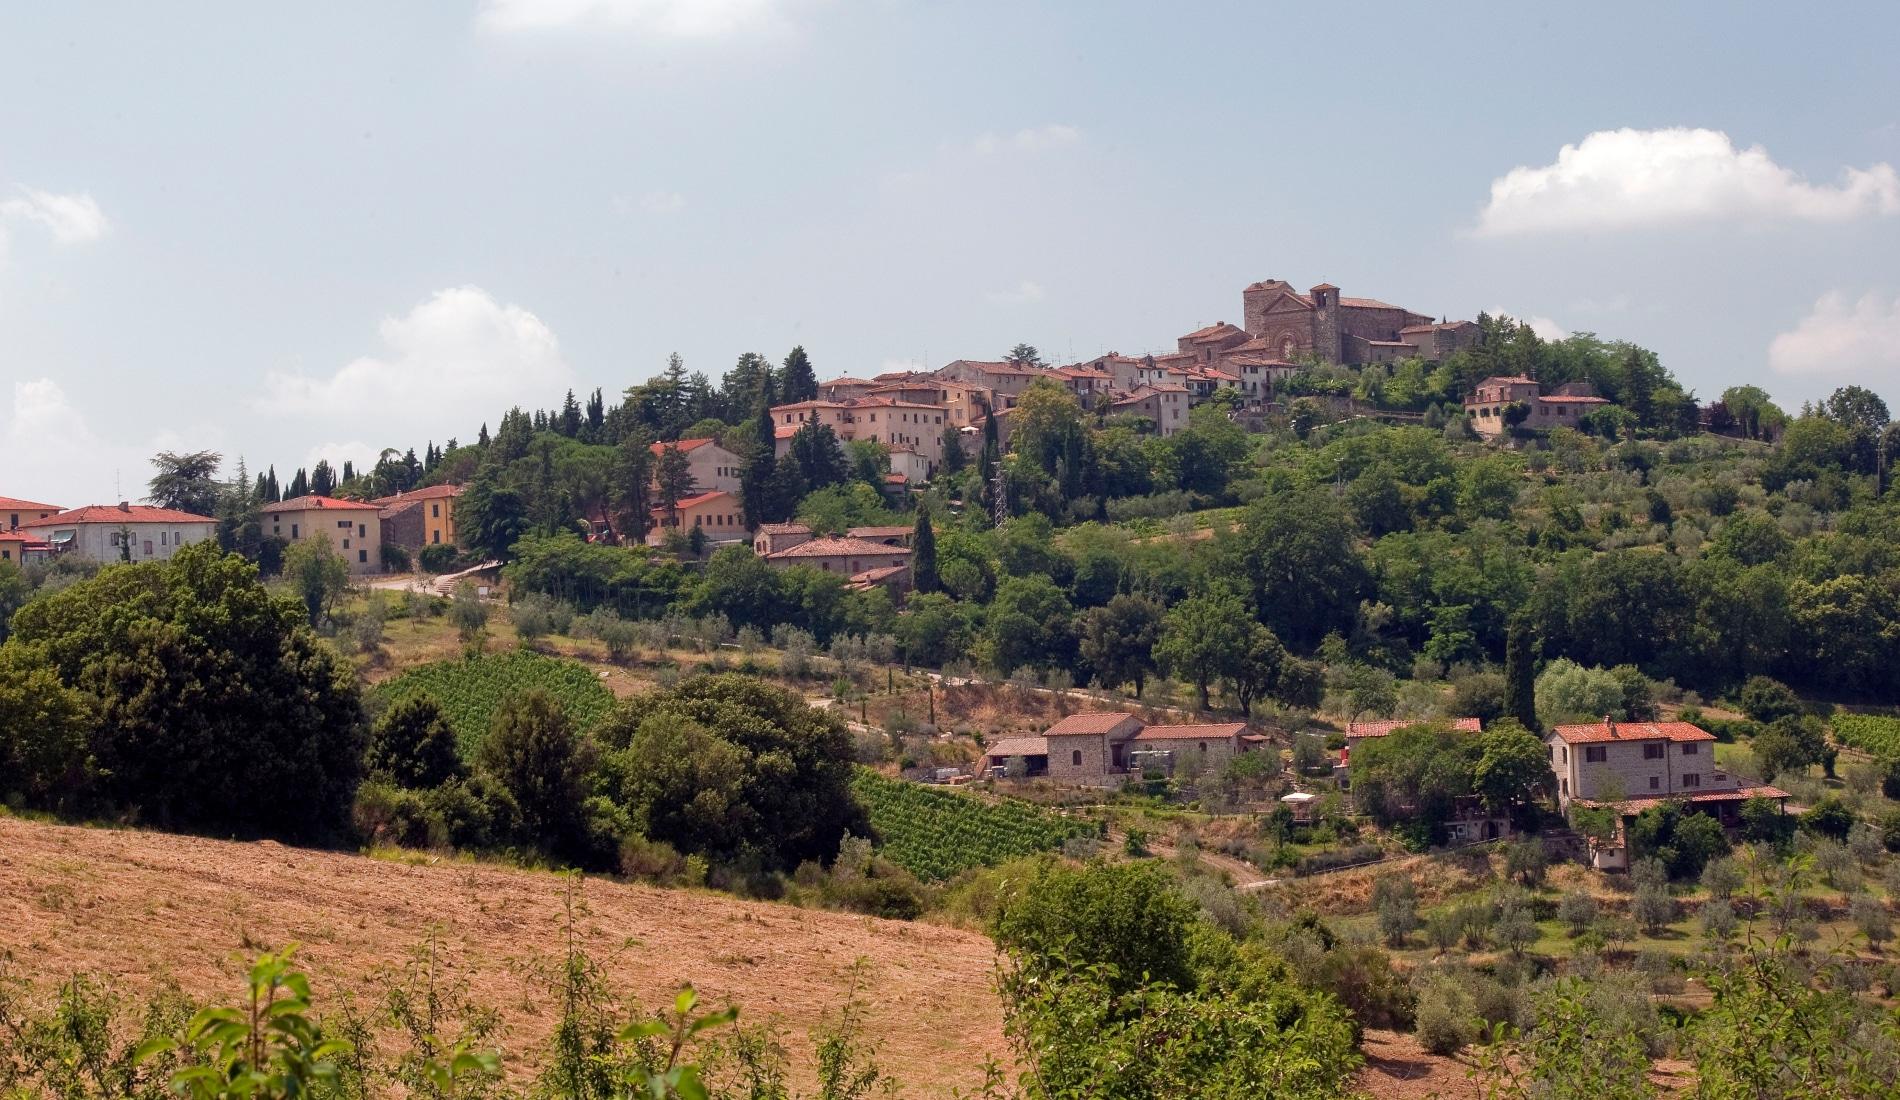 Panzano in Chianti - Villa di Sotto